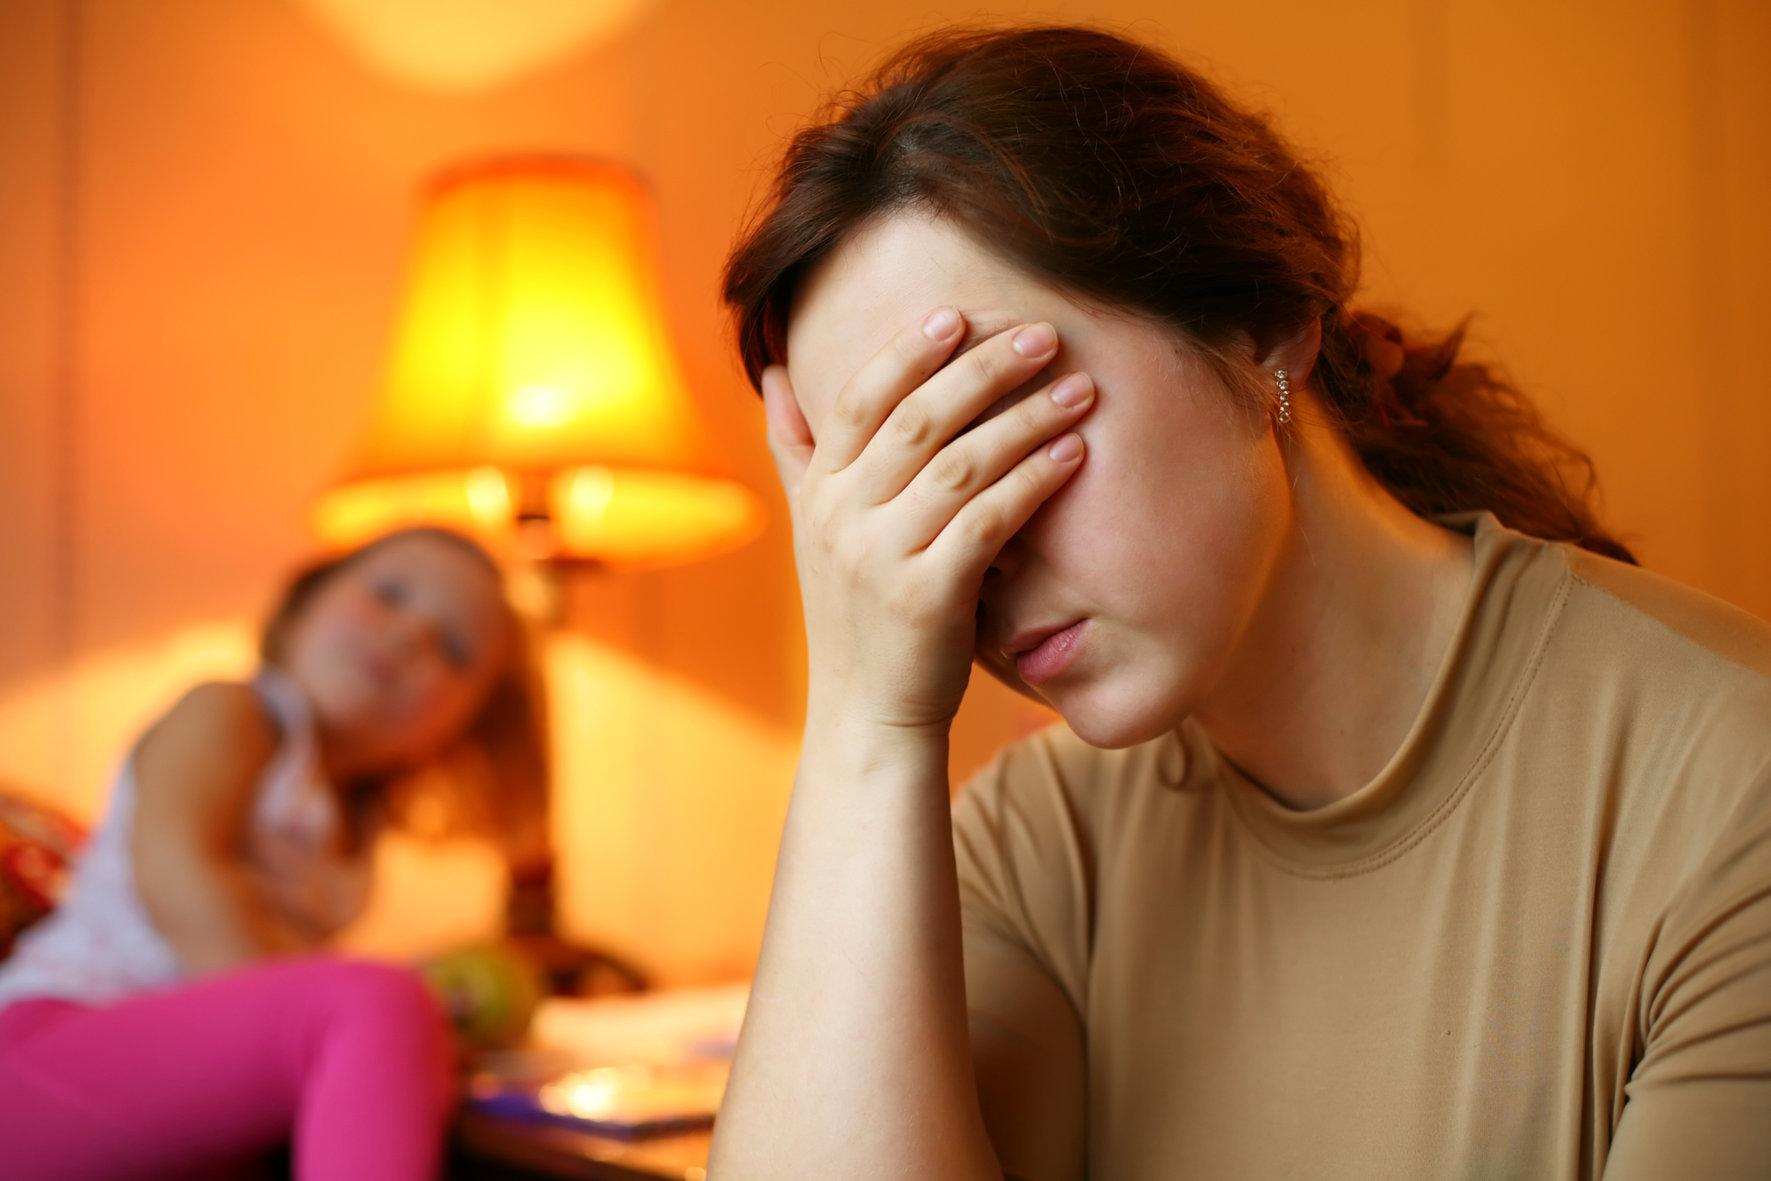 دراسة طريفة تقارن بين الآباء والأمهات من يشعر أكثر بالسعادة مع الأبناء